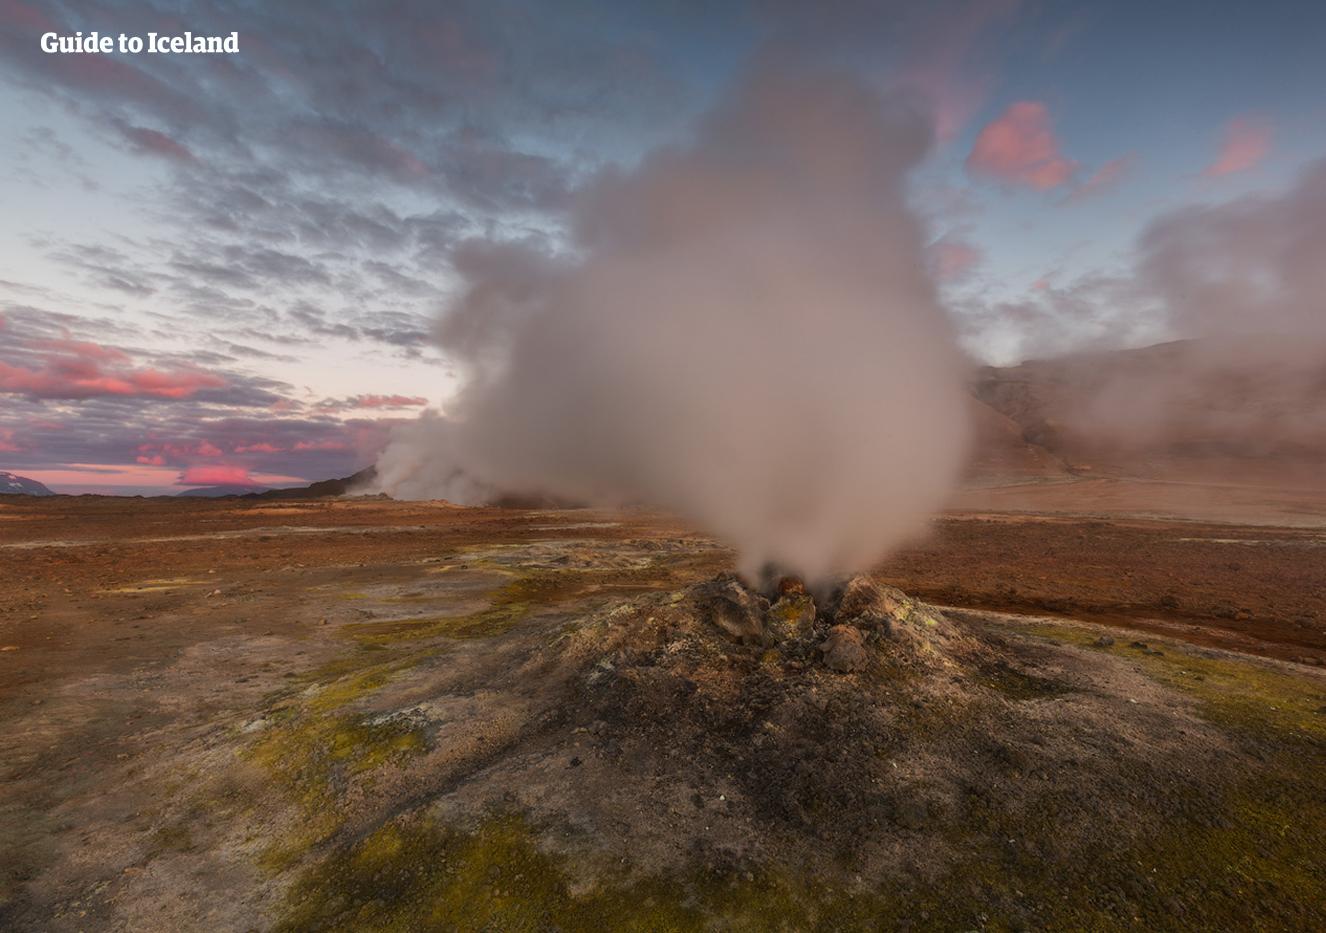 Obszar geotermalny w pobliżu jeziora Mývatn jest wypełniony bulgoczącymi basenami błotnymi i fumarolami.